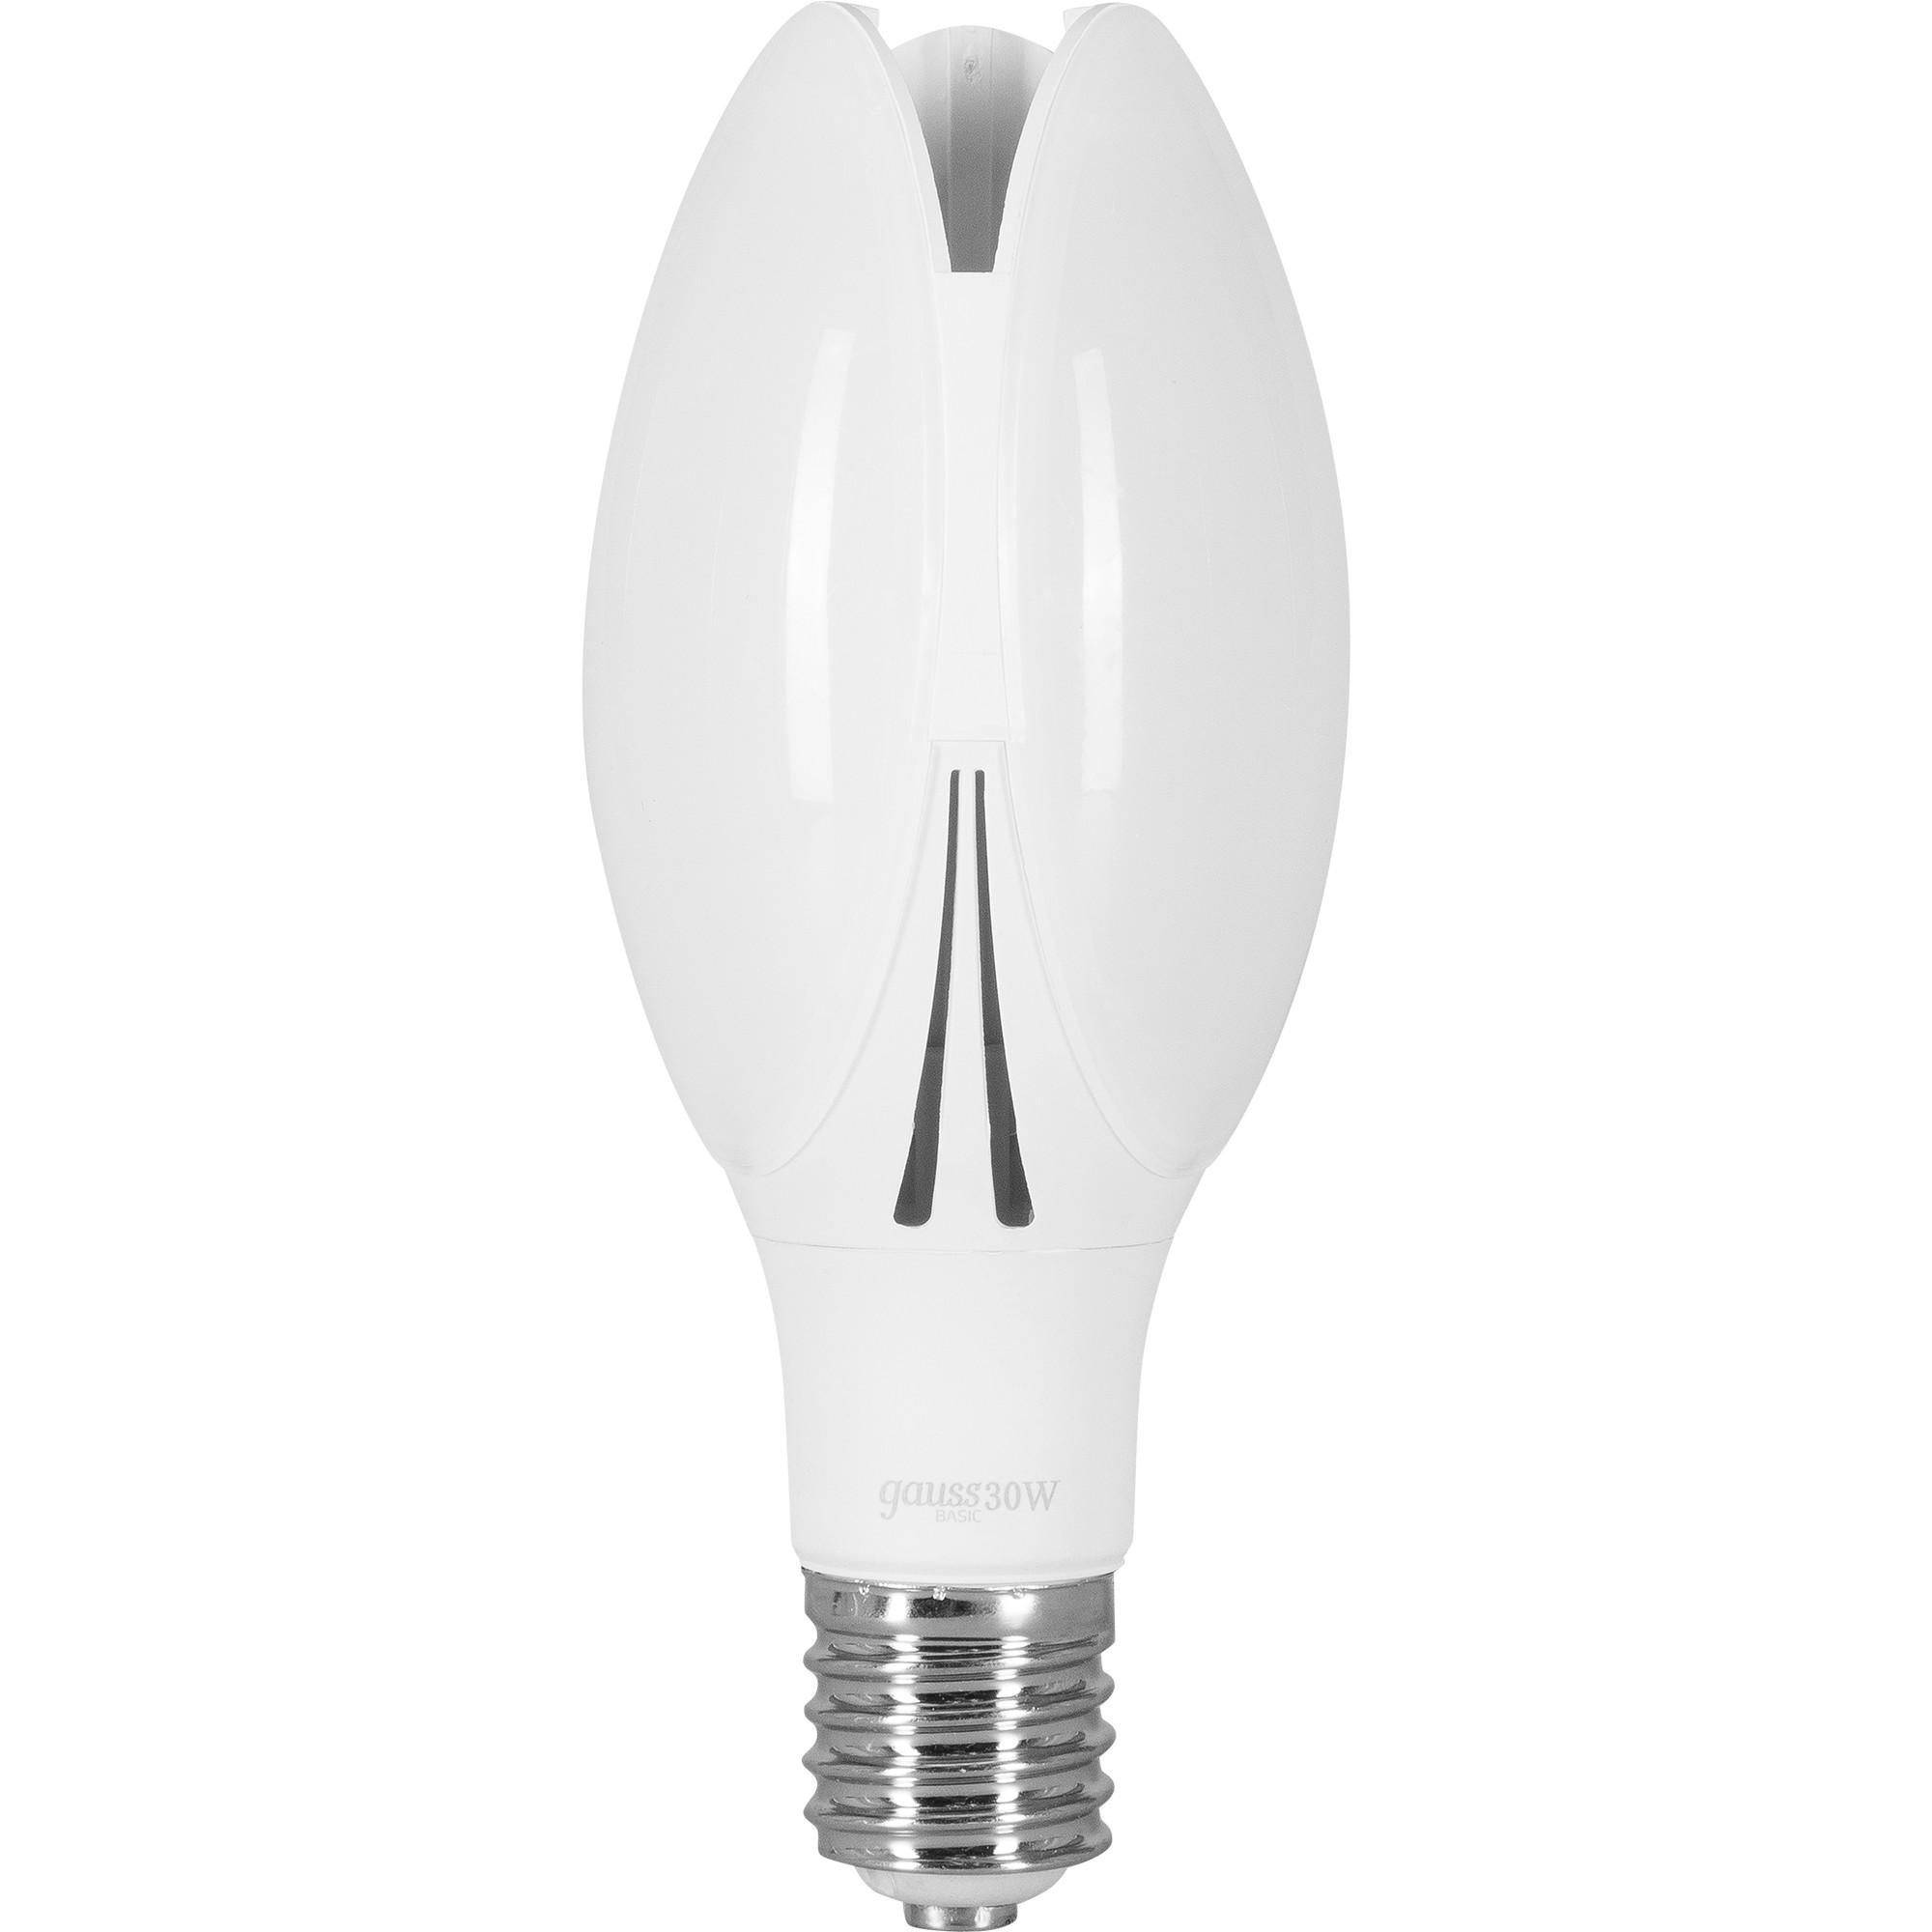 Лампа светодиодная Gauss Basic ВТ100 E40 230 В 30 Вт матовая 2950 лм холодный белый свет